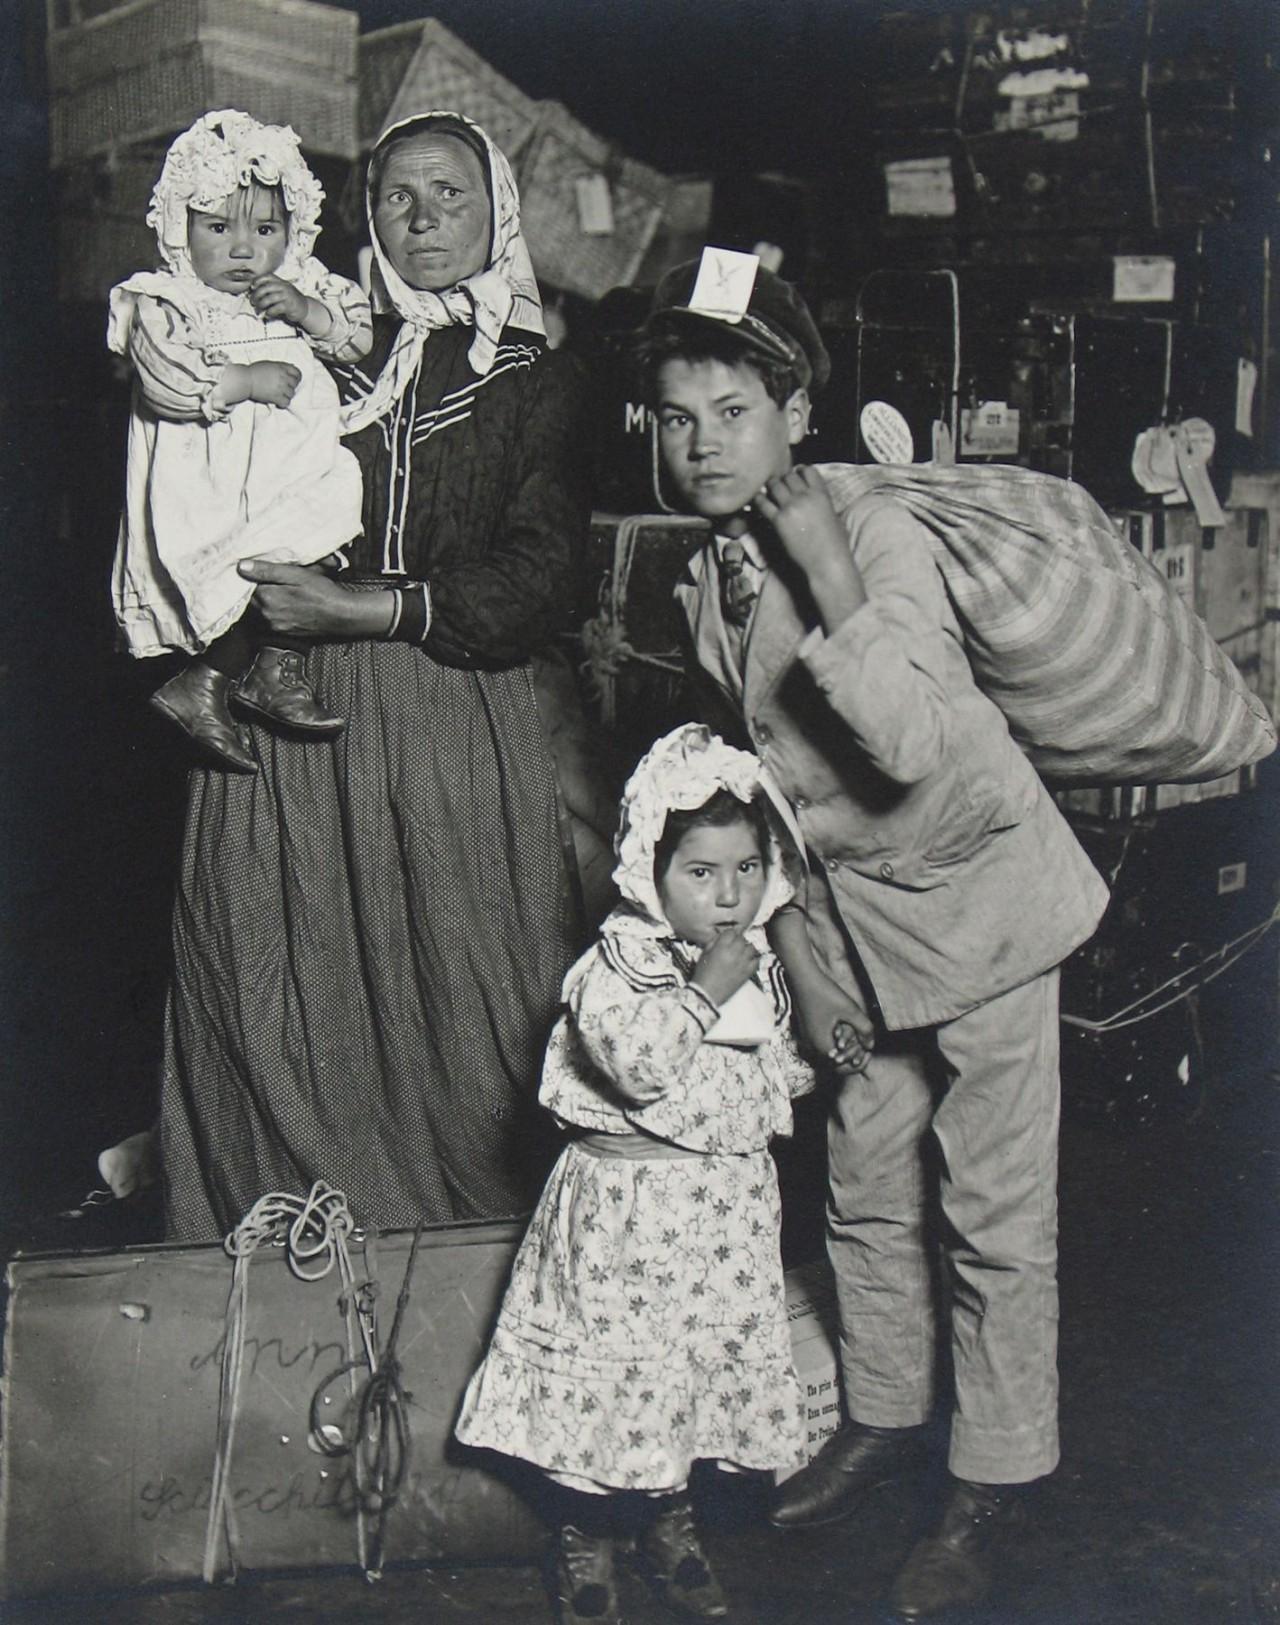 Итальянская семья ищет потерянный багаж, остров Эллис, 1905. Фотограф Льюис Хайн